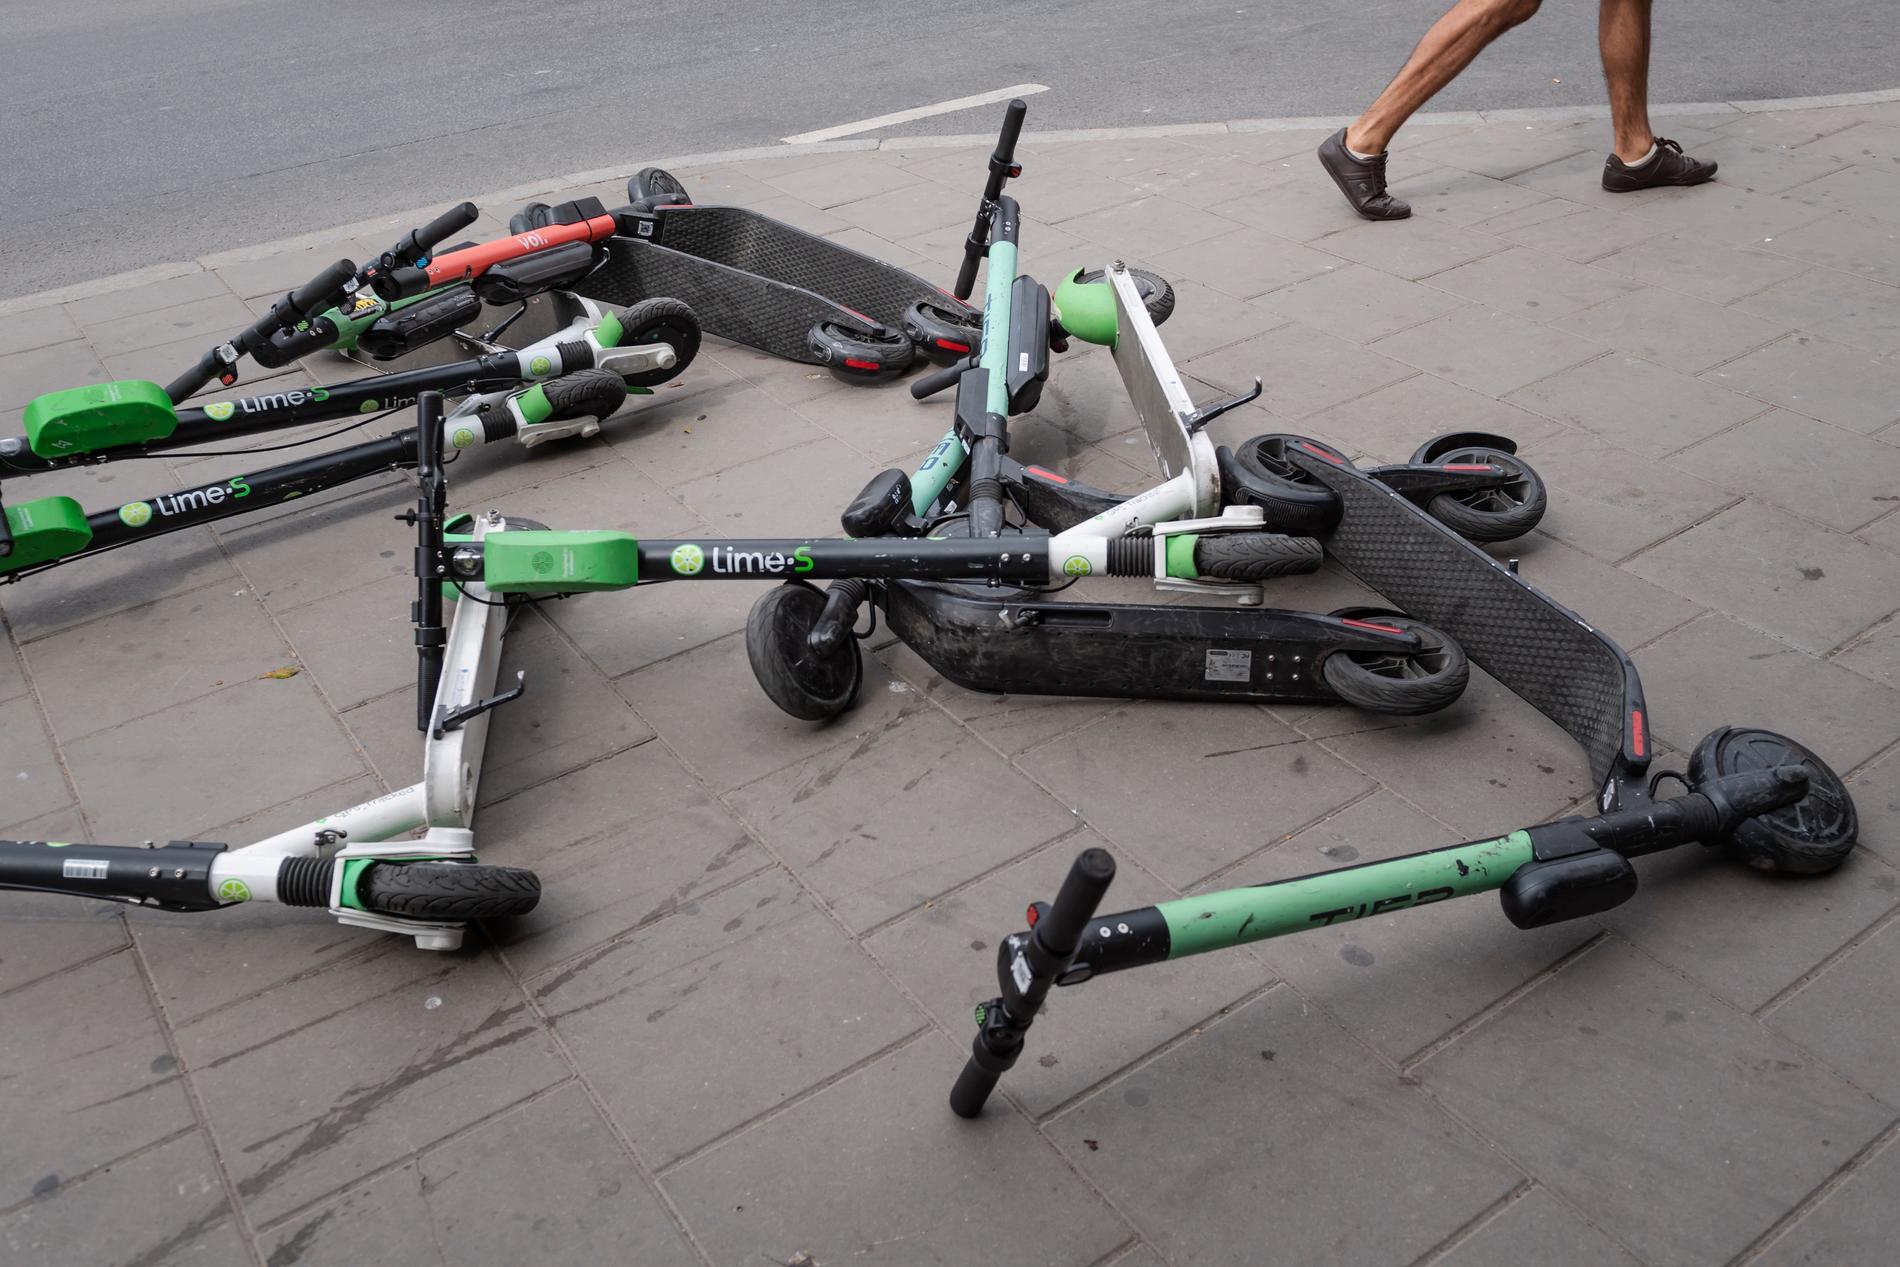 Elsparkcyklar lämnade liggande på en trottoar.